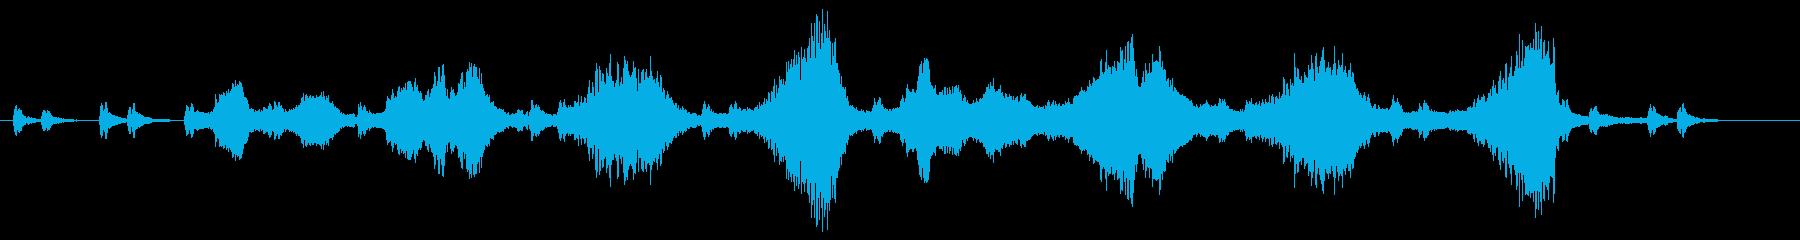 緊張のシーンを生ストリングスでの再生済みの波形